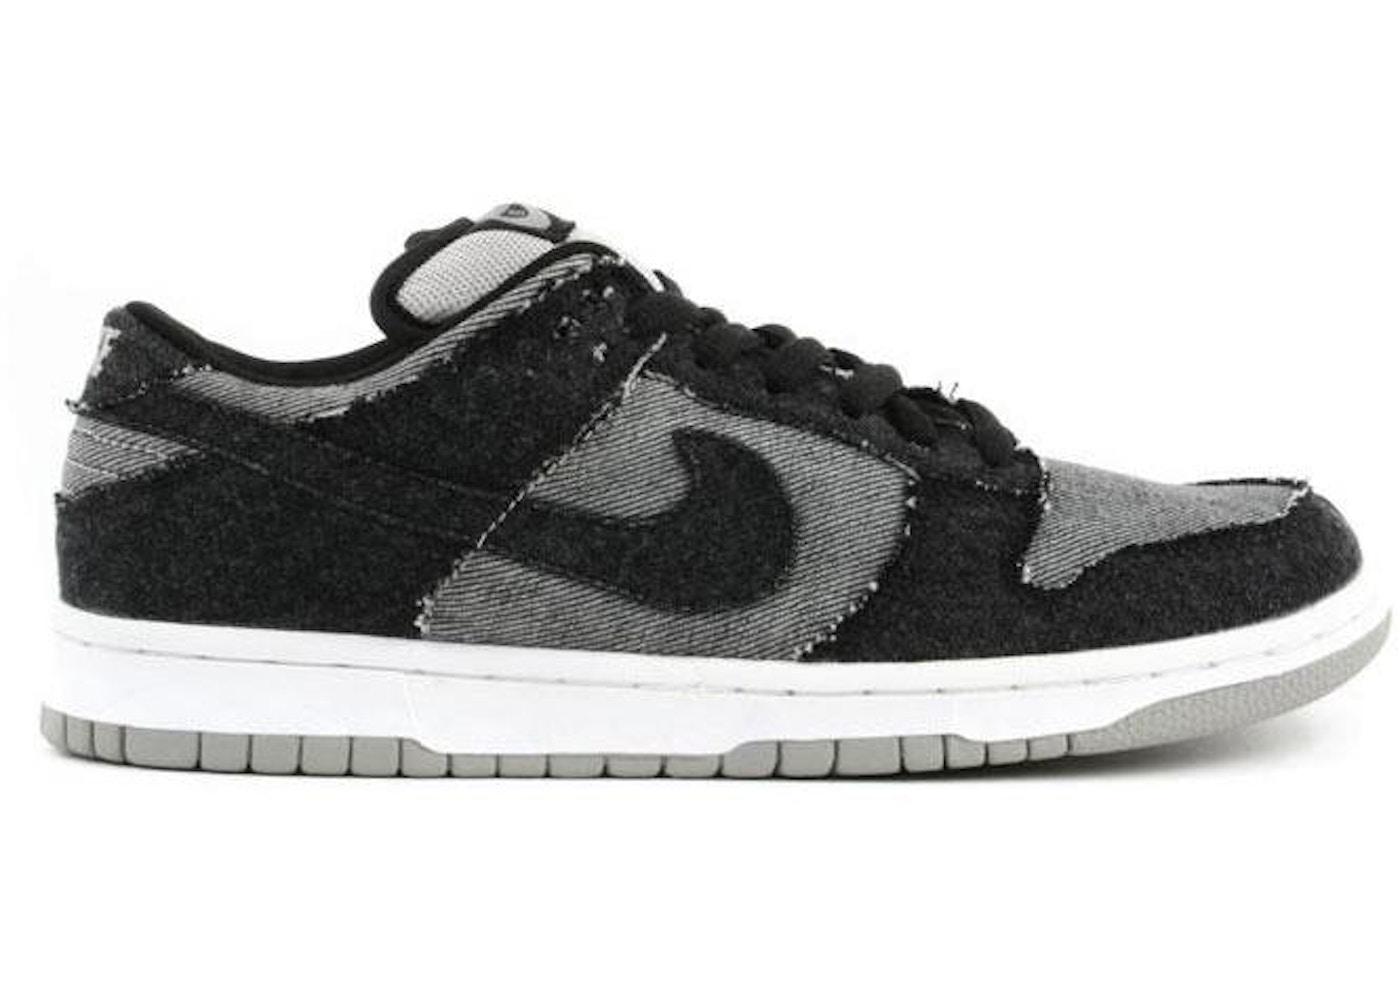 online store 4e58d d51fb Nike Dunk SB Low Medicom 2 - 304292-005